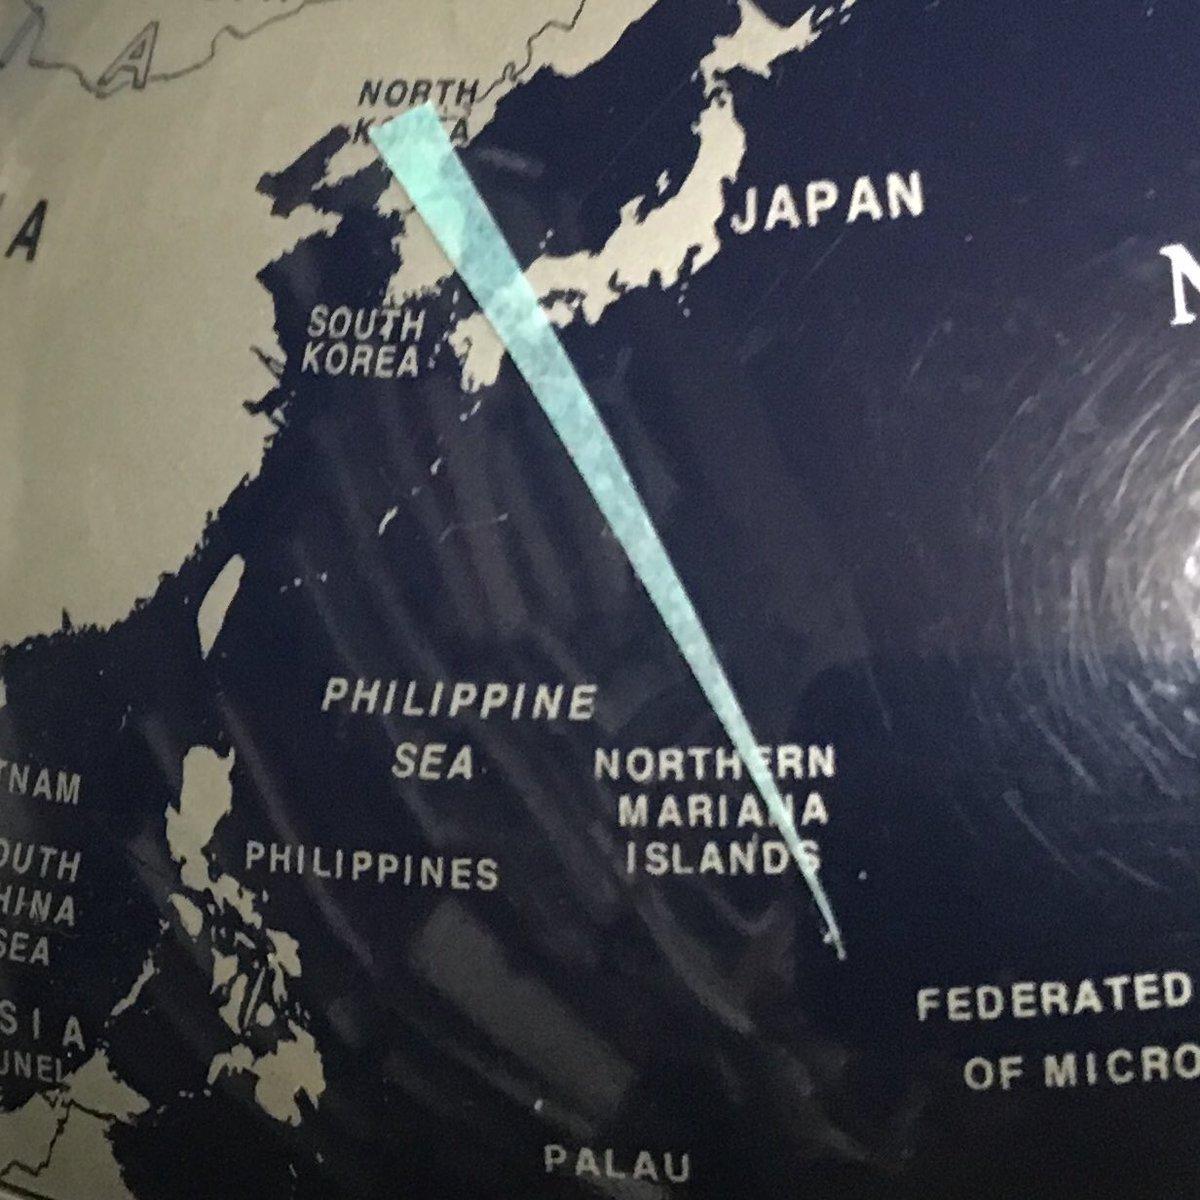 北朝鮮がどこから射つにしても、日本にとって迷惑な事は地球儀を見れば一目でわかる。 https://t.co/4OPGXKdF2c